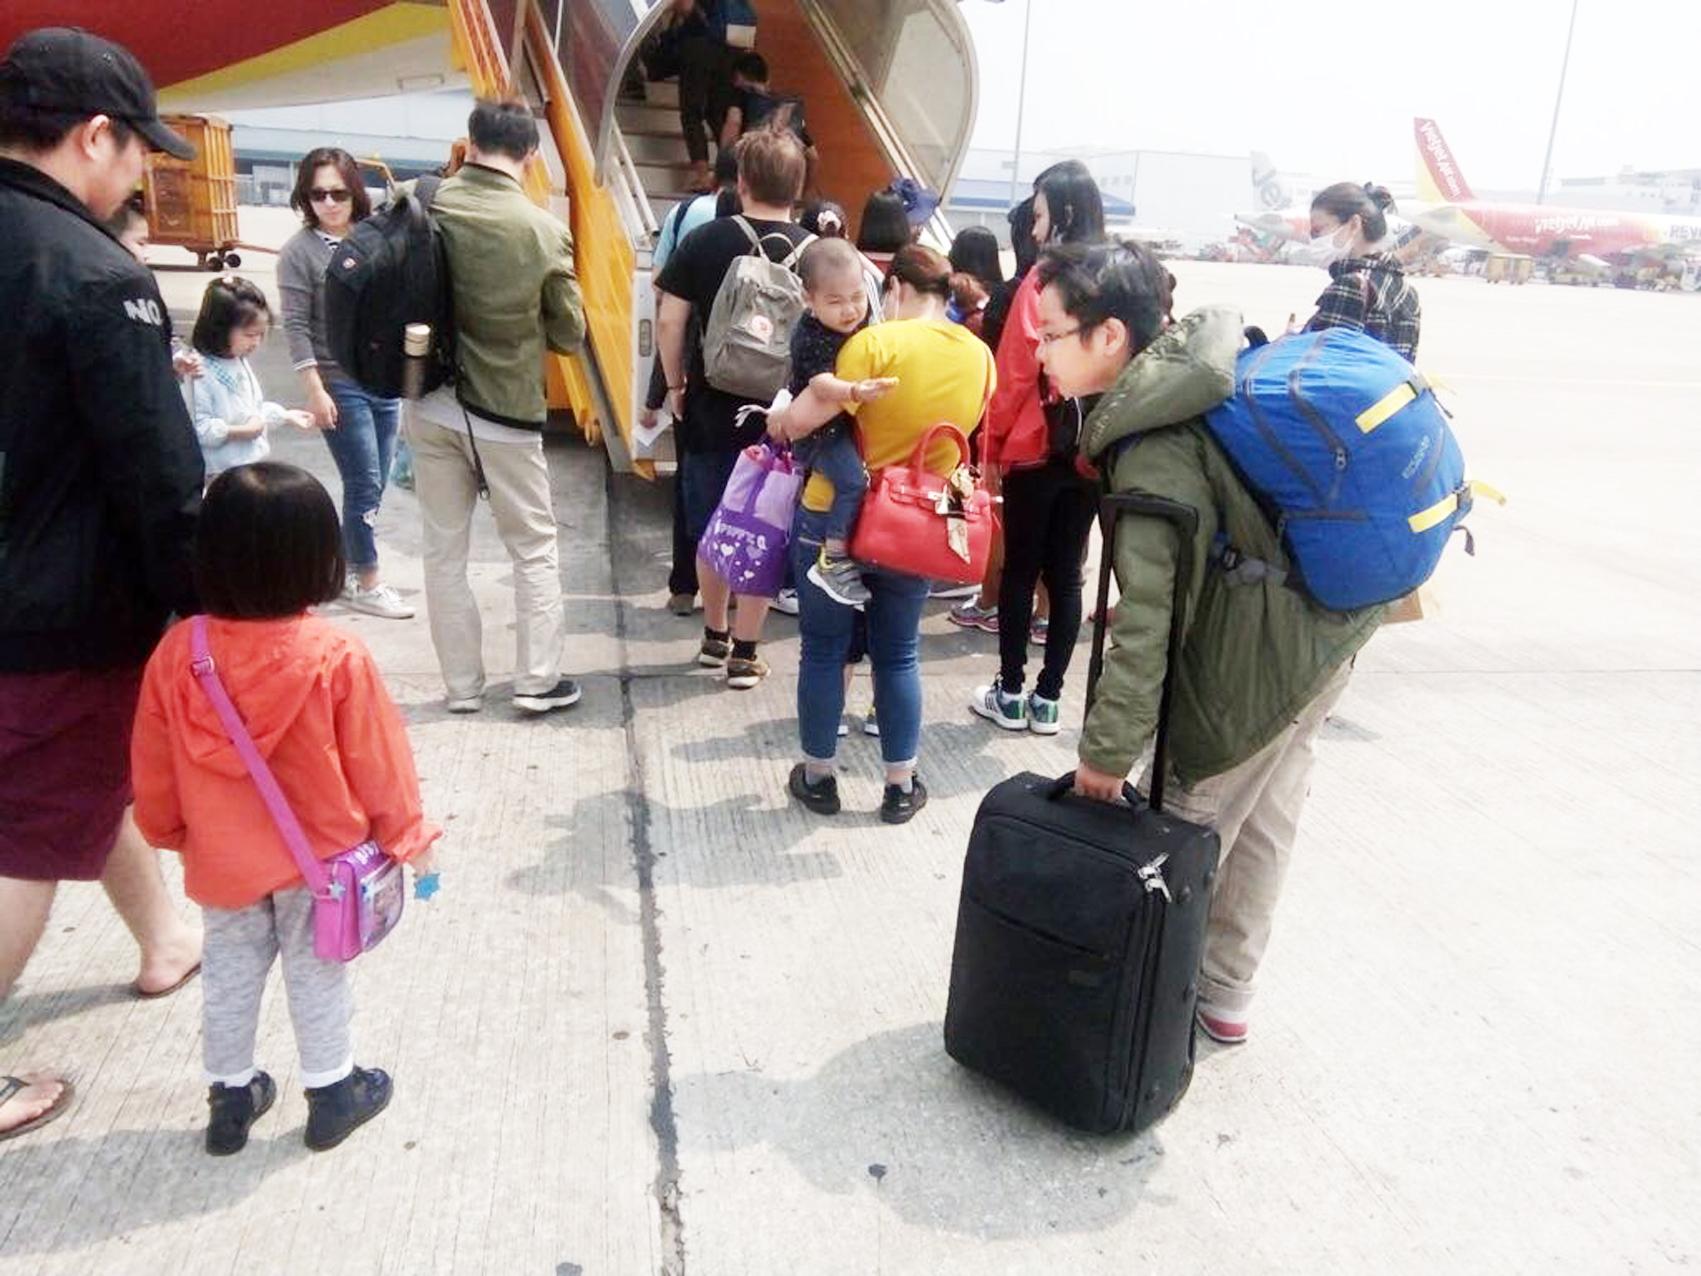 Hai đứa trẻ này đã có bốn cái tết về miền Bắc theo cách nối chuyến tại các sân bay miền Trung để tiết kiệm chi phí